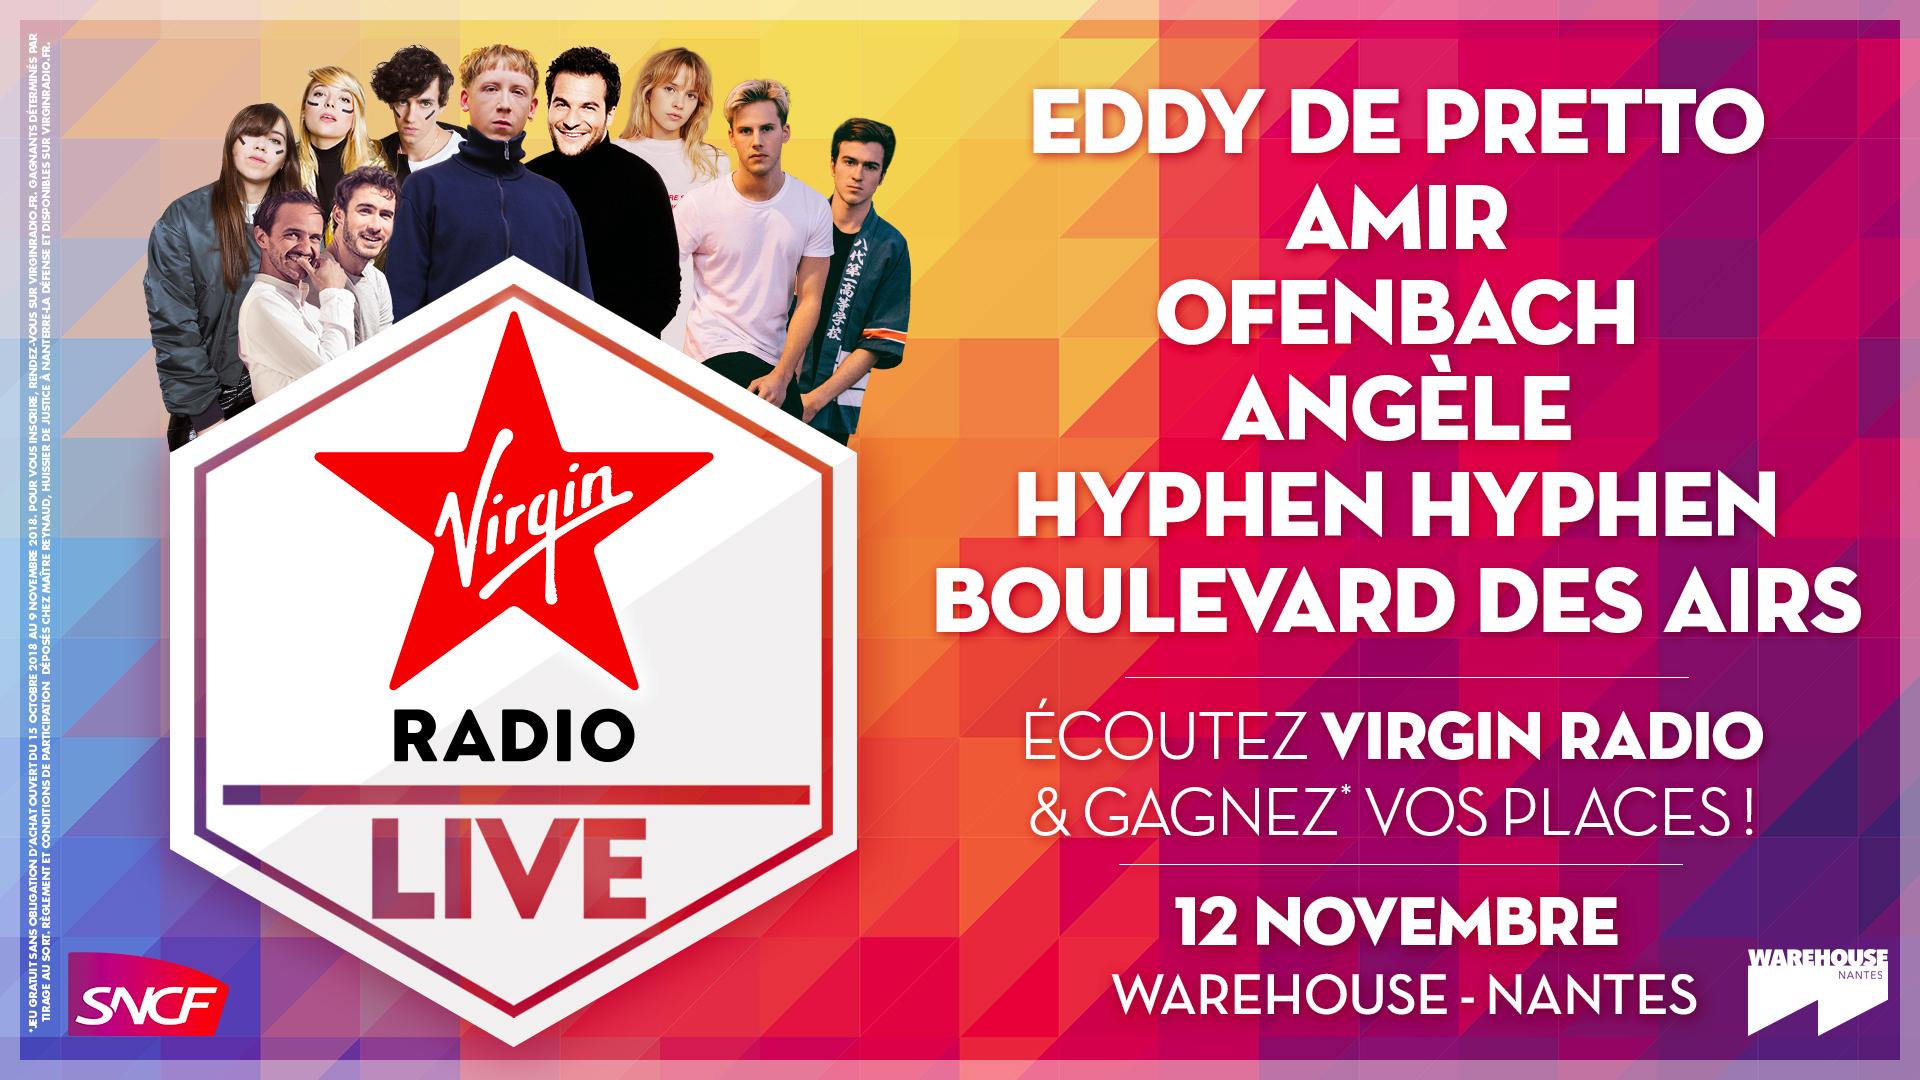 """Un """"Virgin Radio Live"""" à Nantes"""